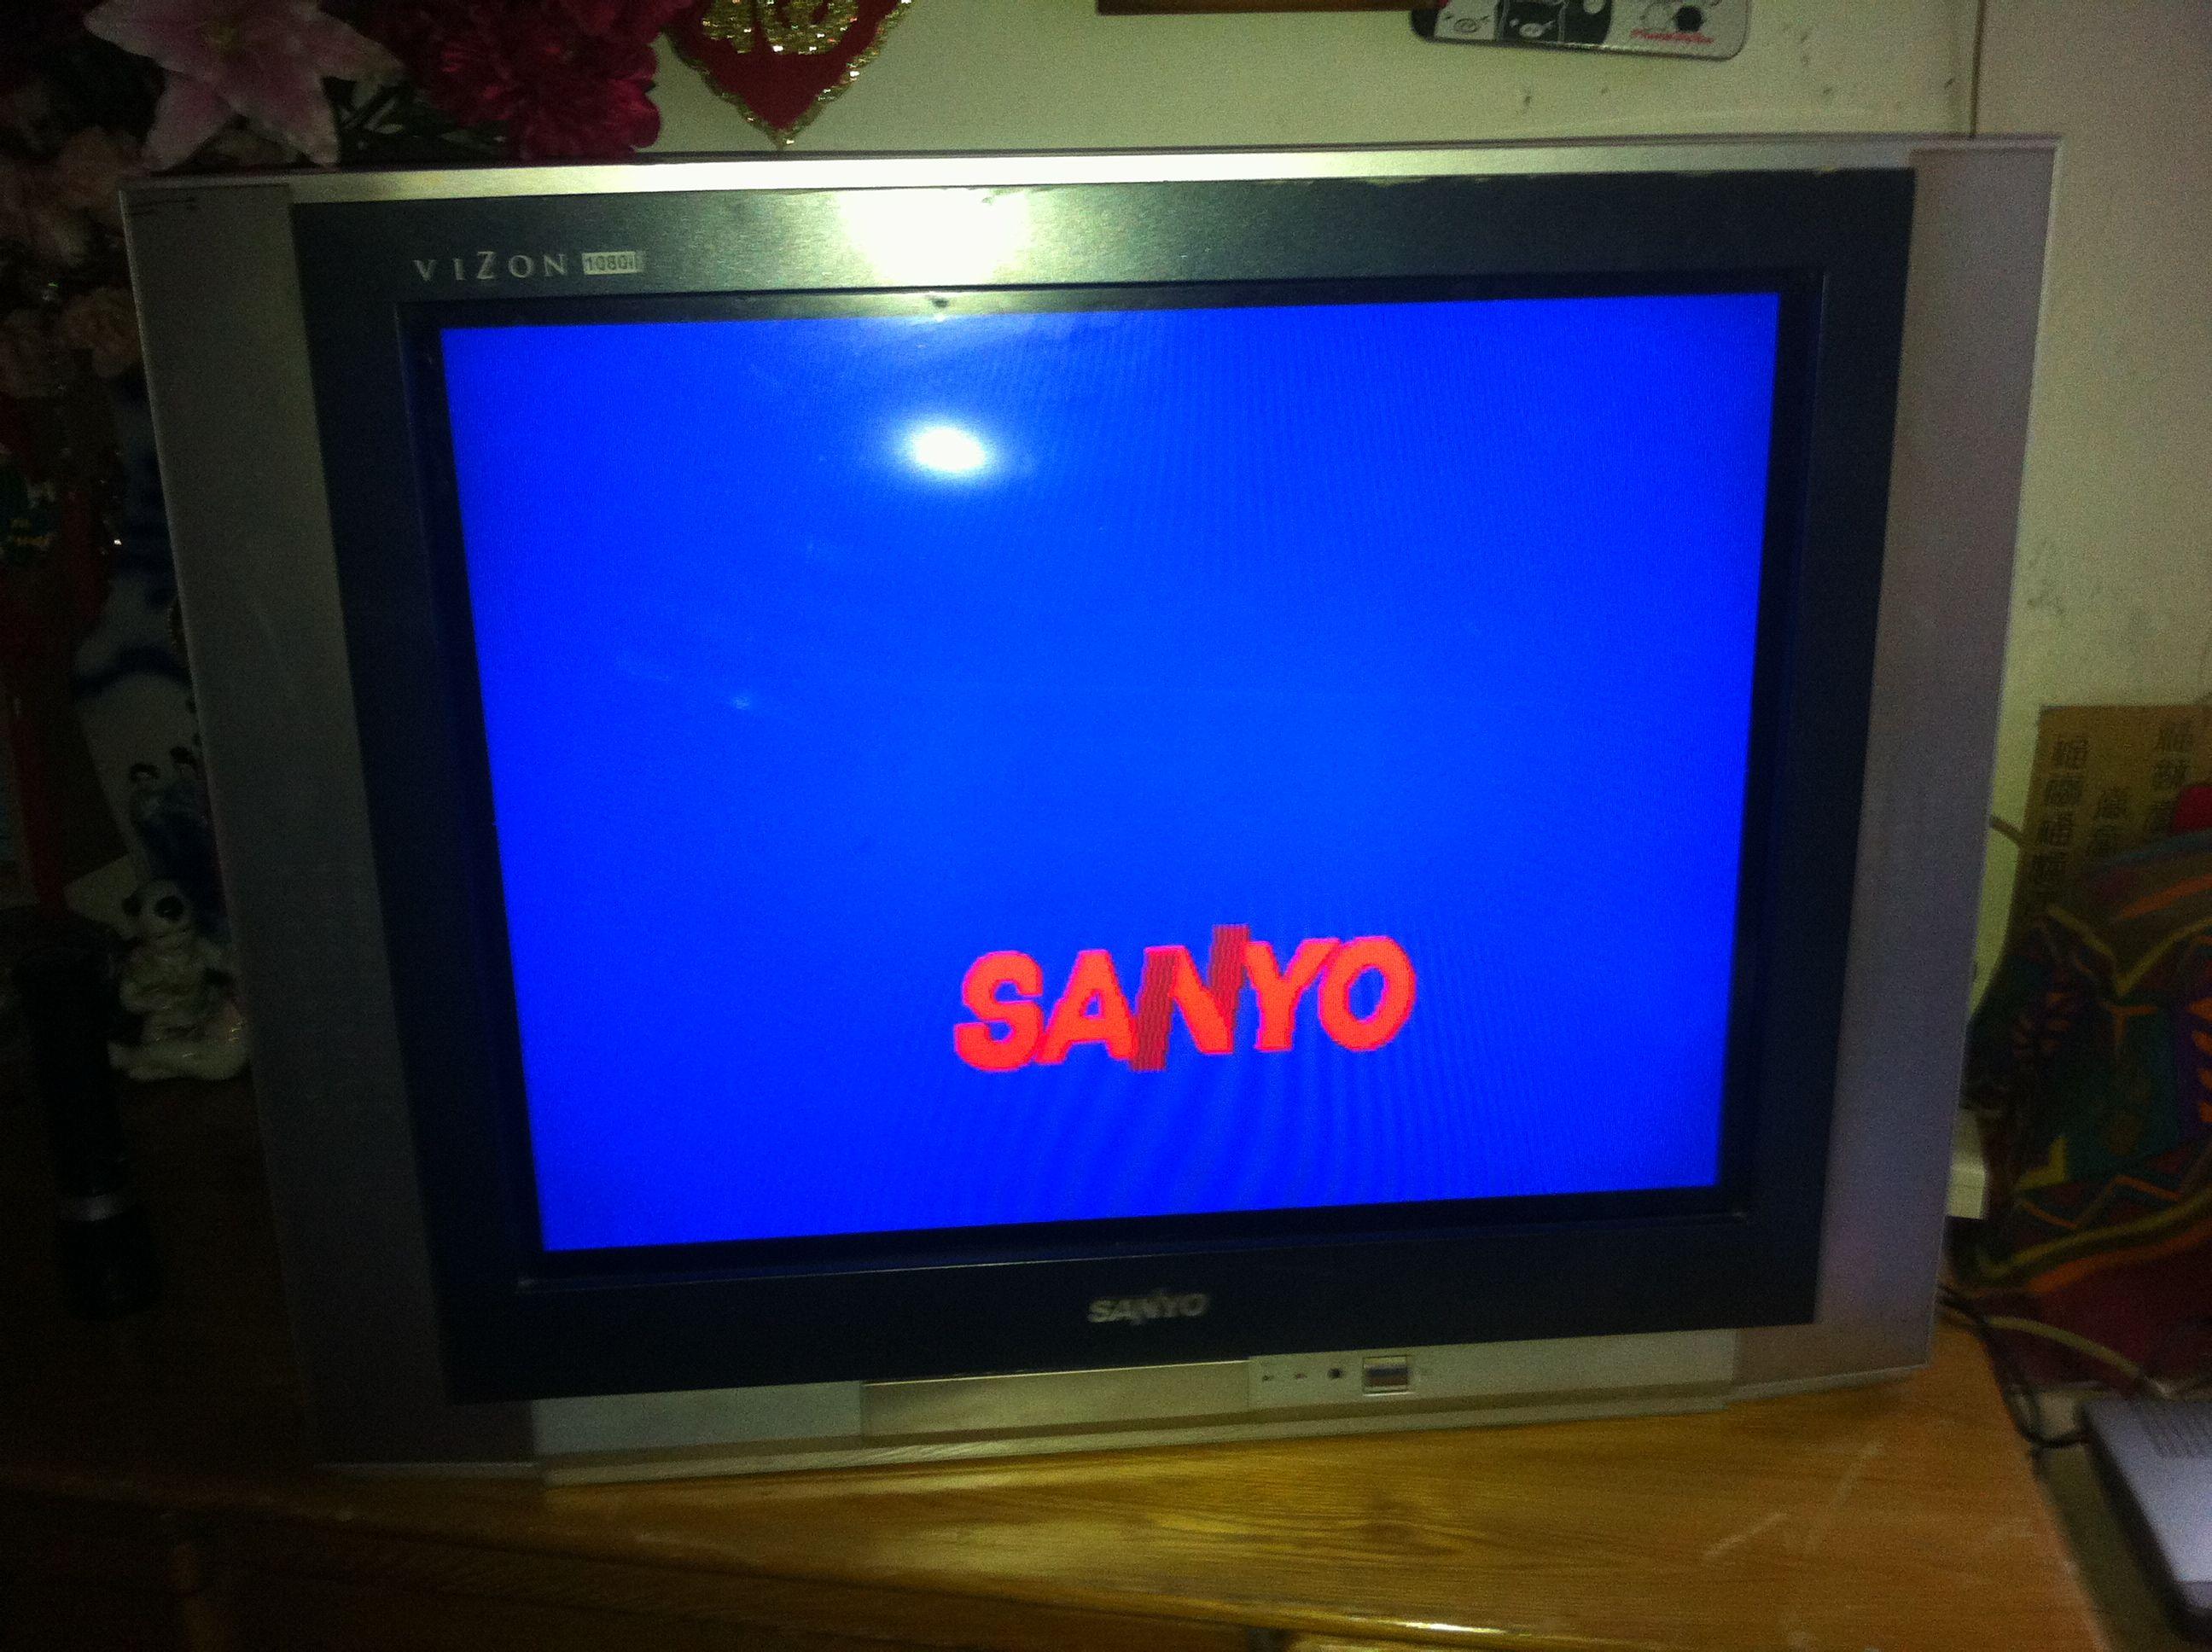 三洋老款电视机 不能用机顶盒观看有线电视节目 求解决办法高清图片